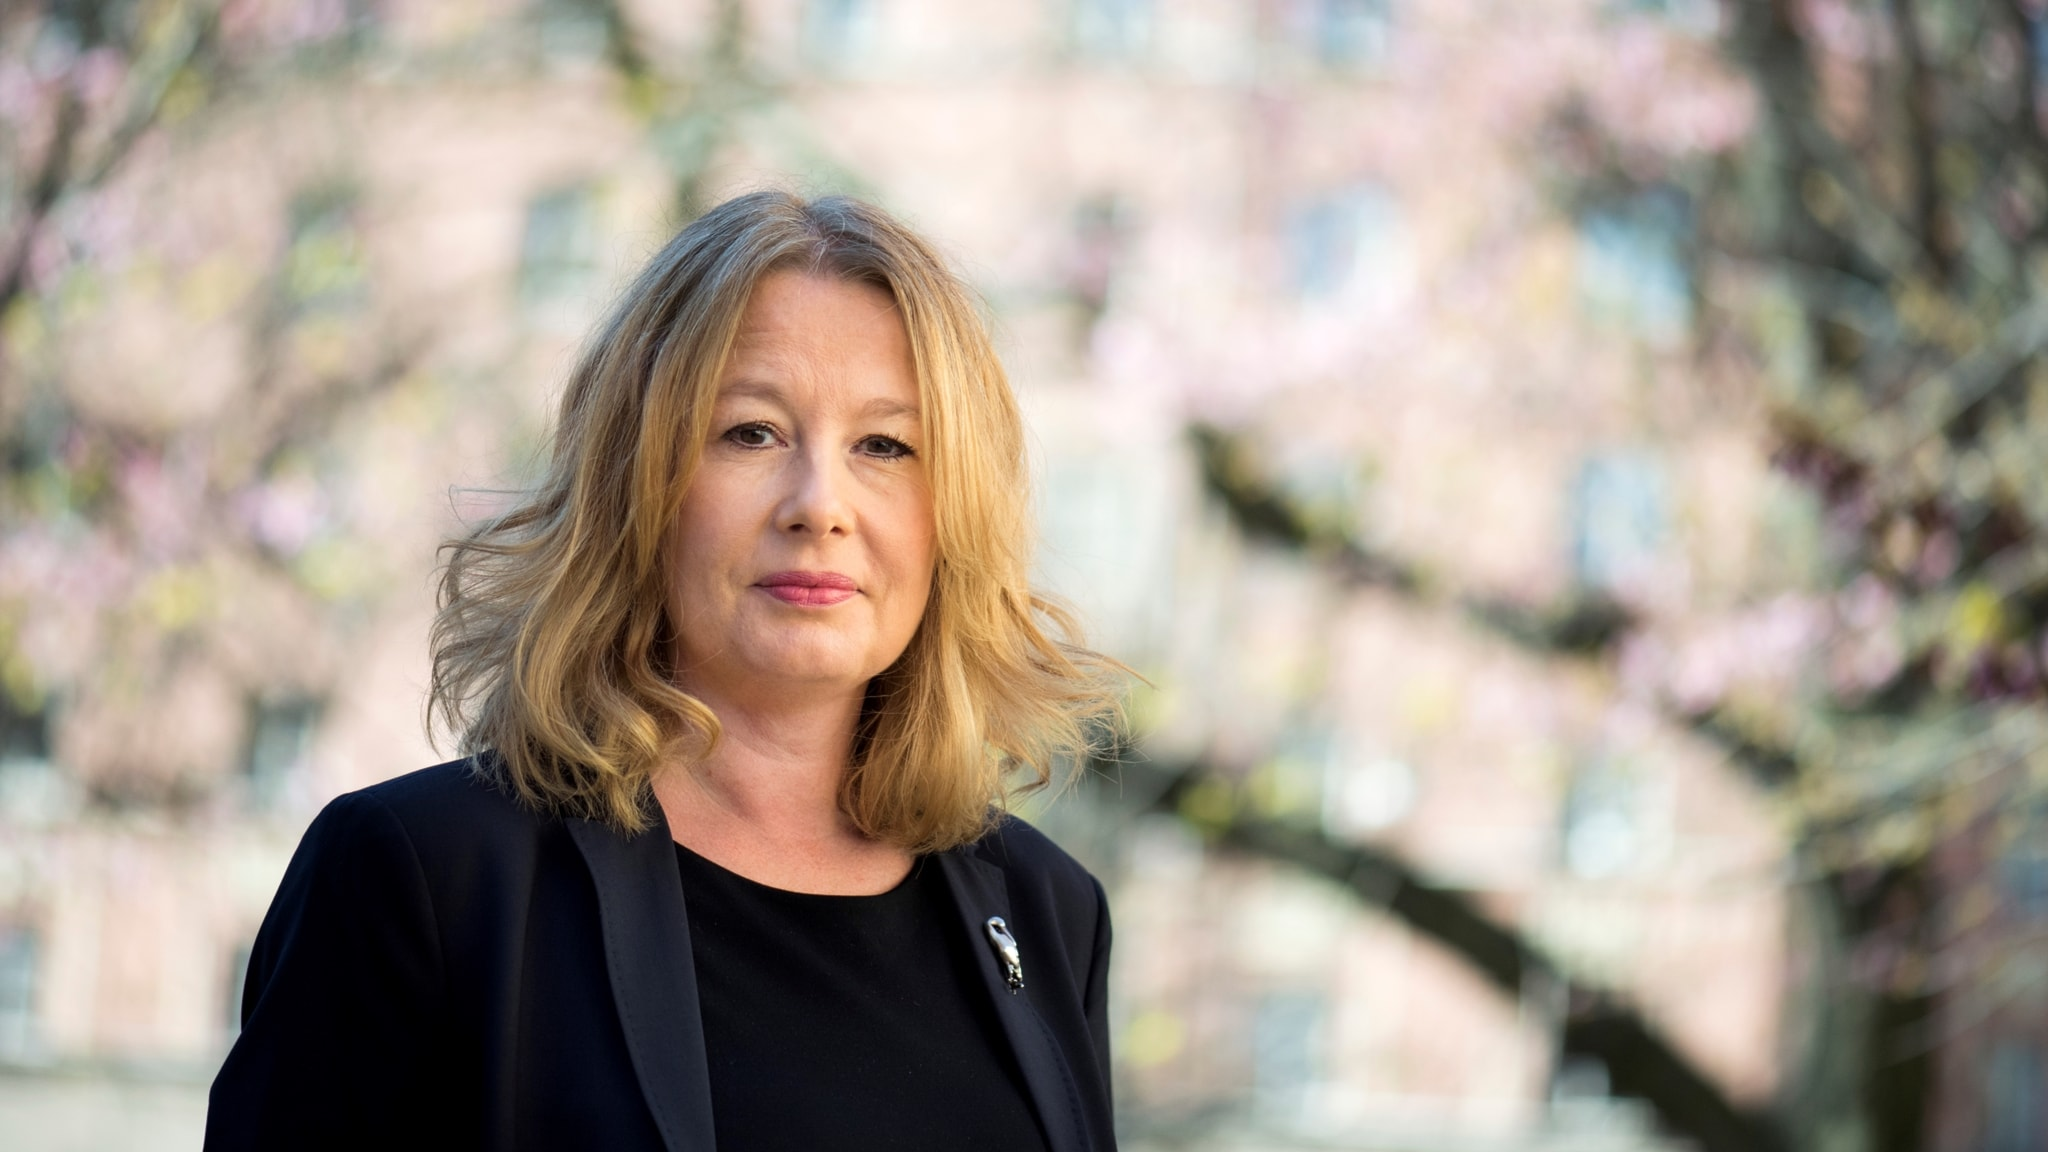 Upptrappat kvällstidningskrig efter metoo, om krisen på Aftonbladet och politisk långbänk om mediestöd